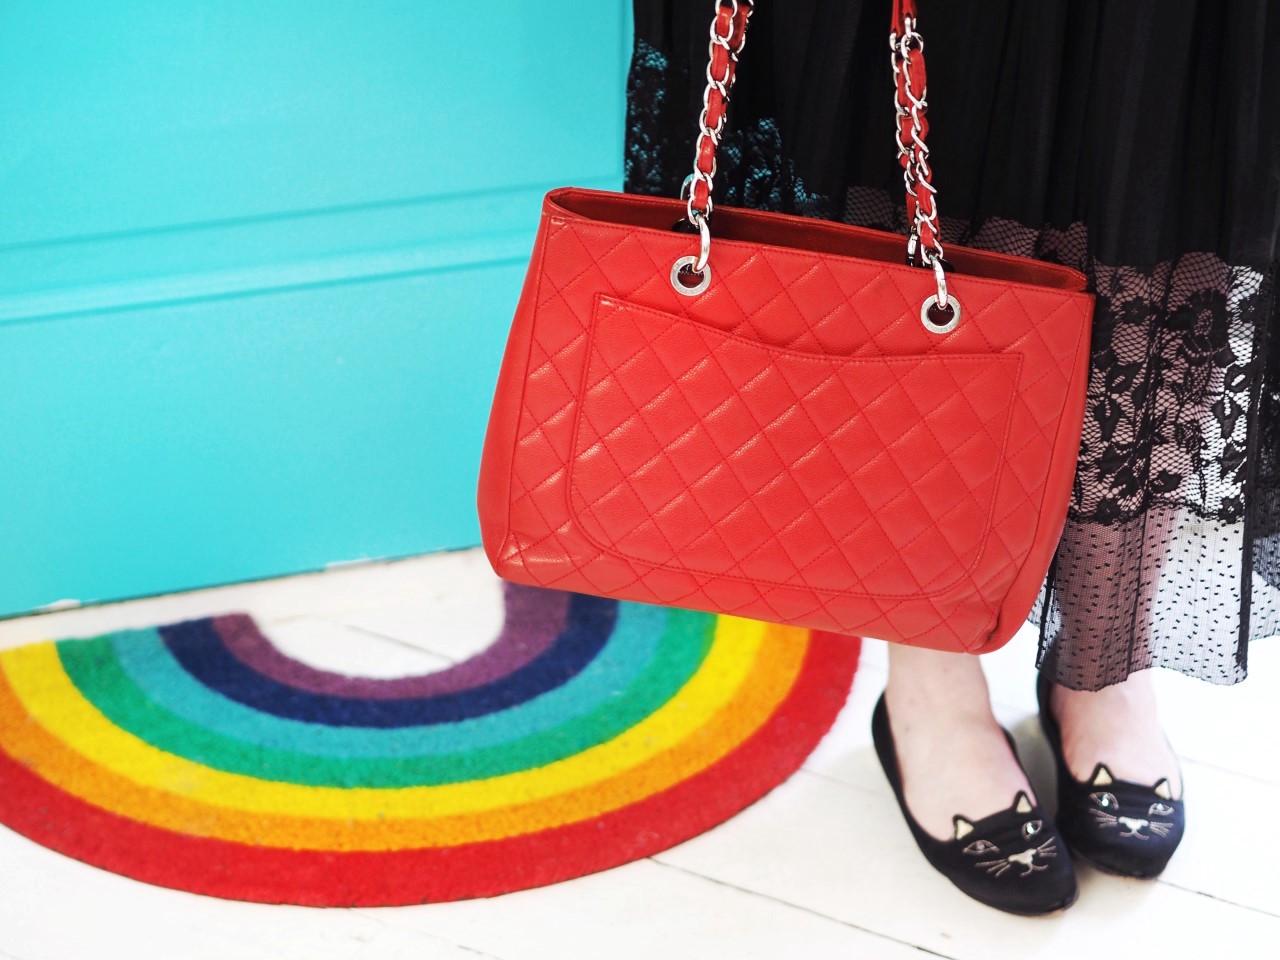 chanel red GST handbag bag tote back pocket